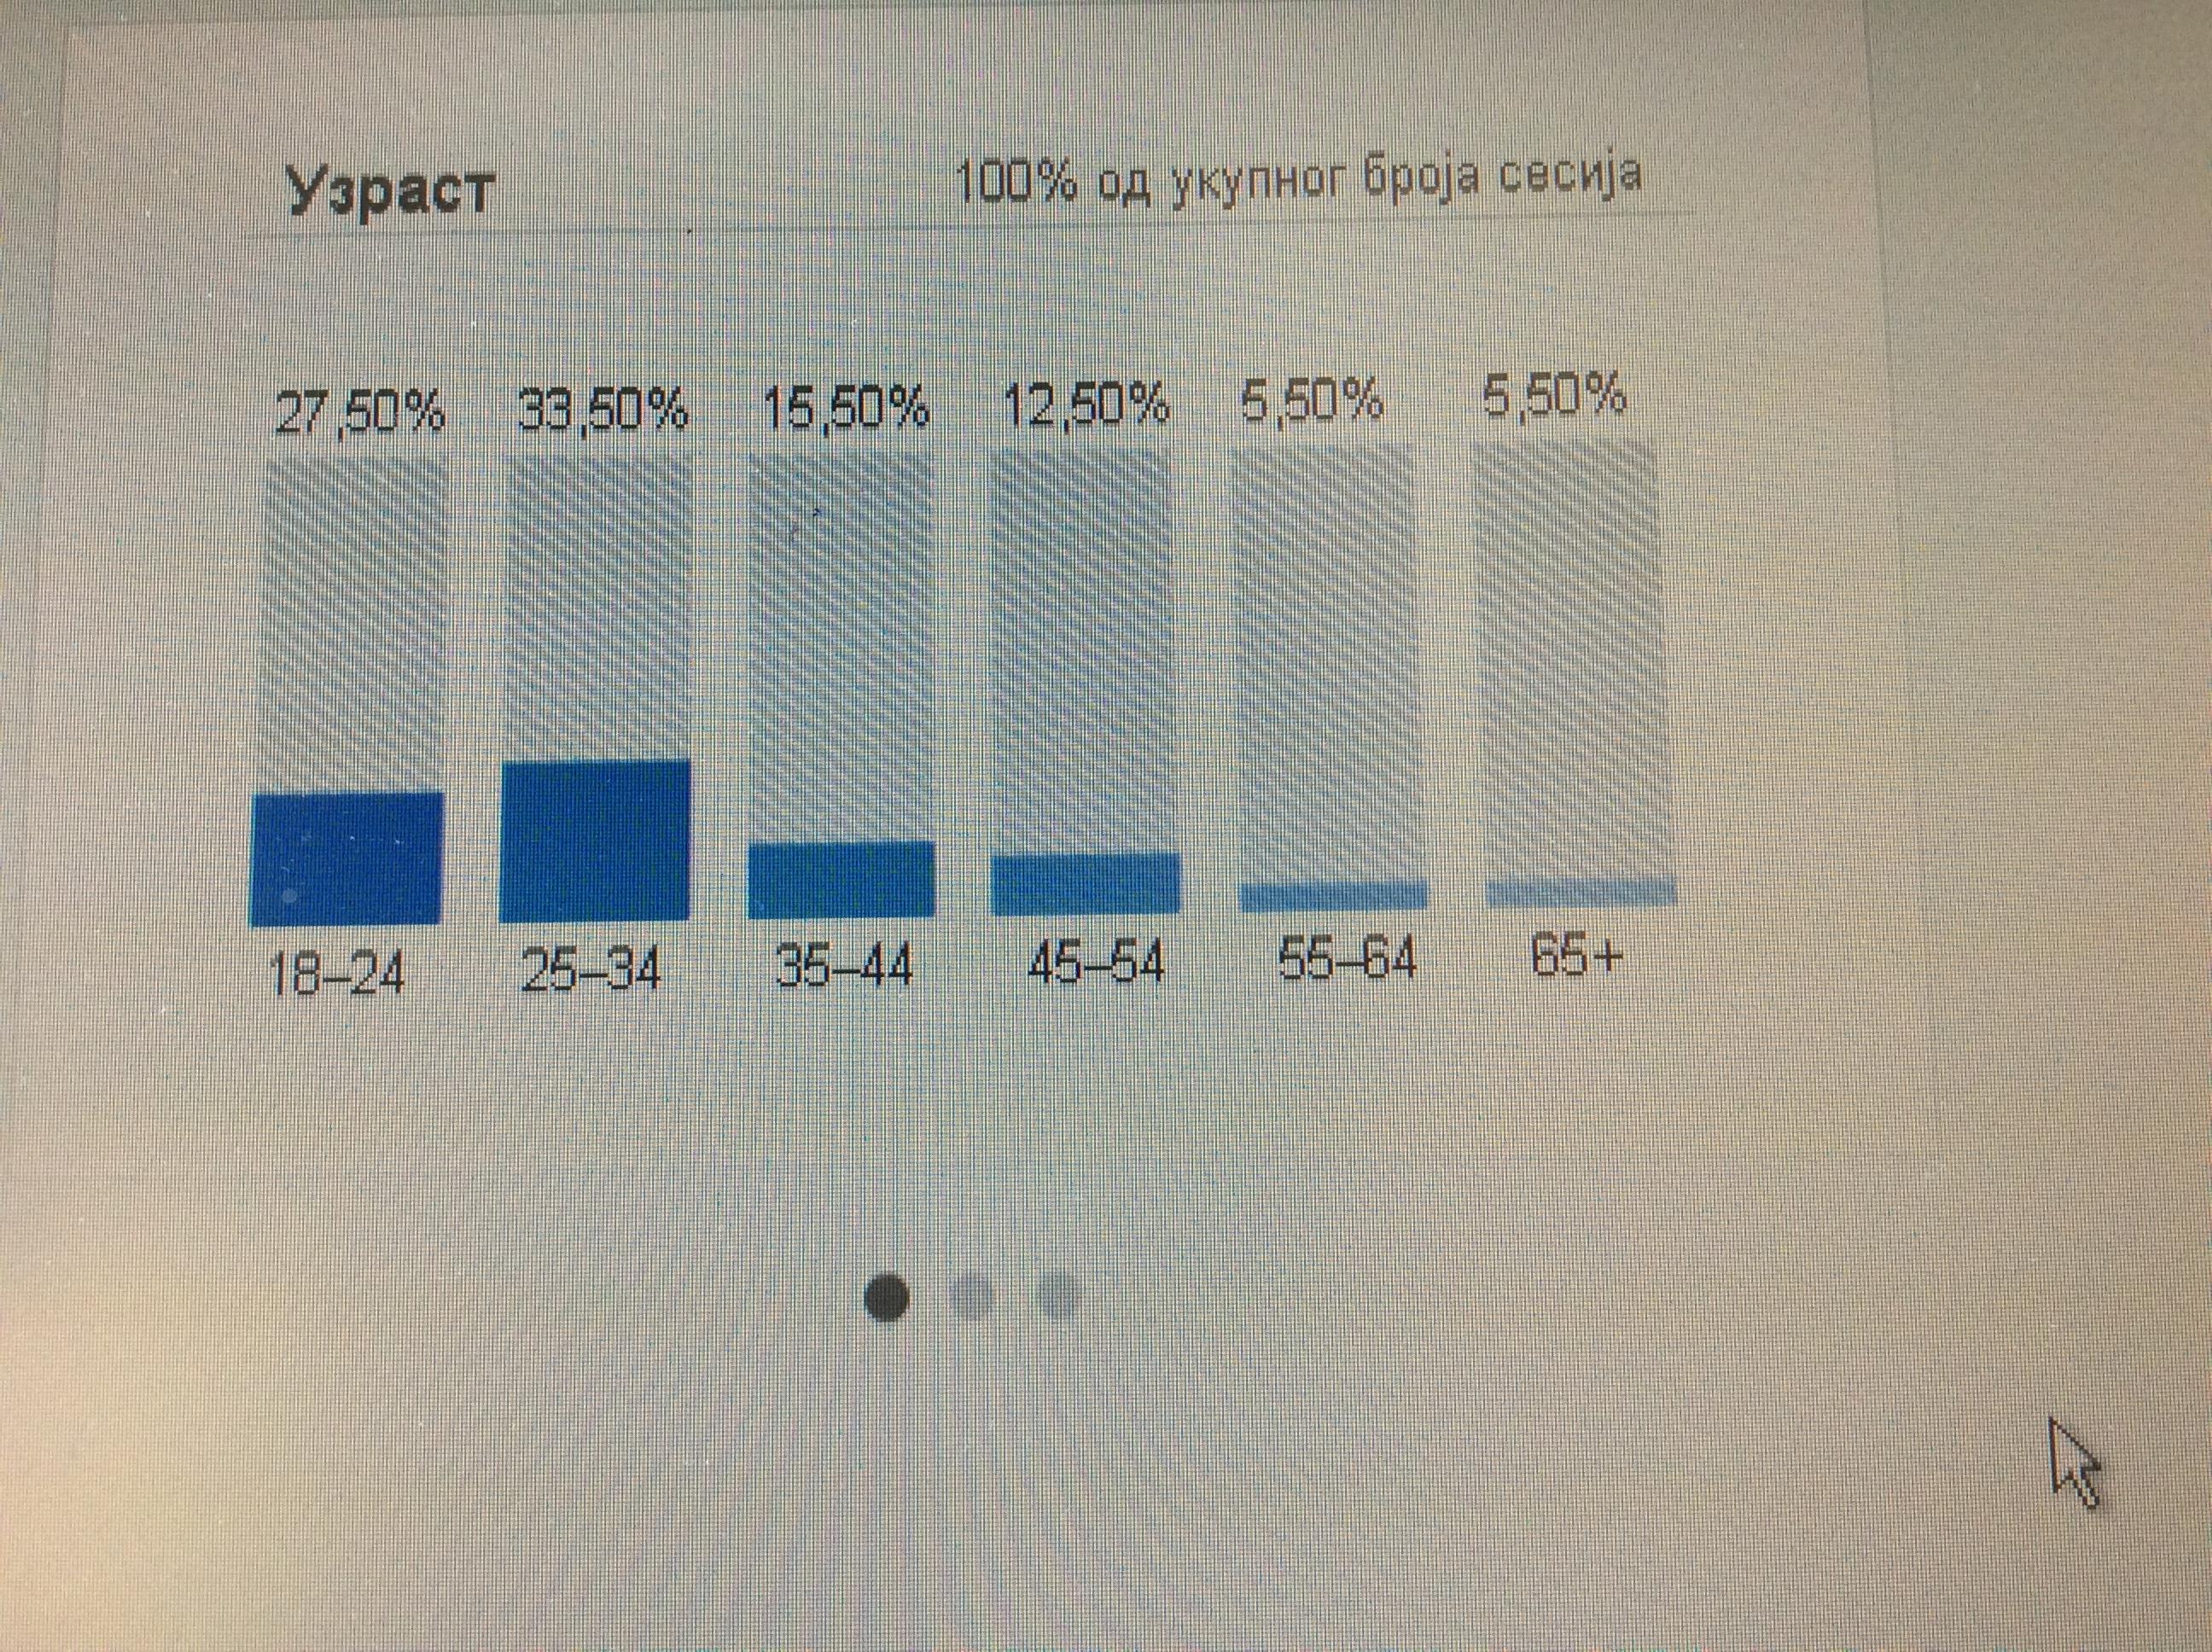 Čitanost našeg portala u procentima po uzrastima Foto--URP